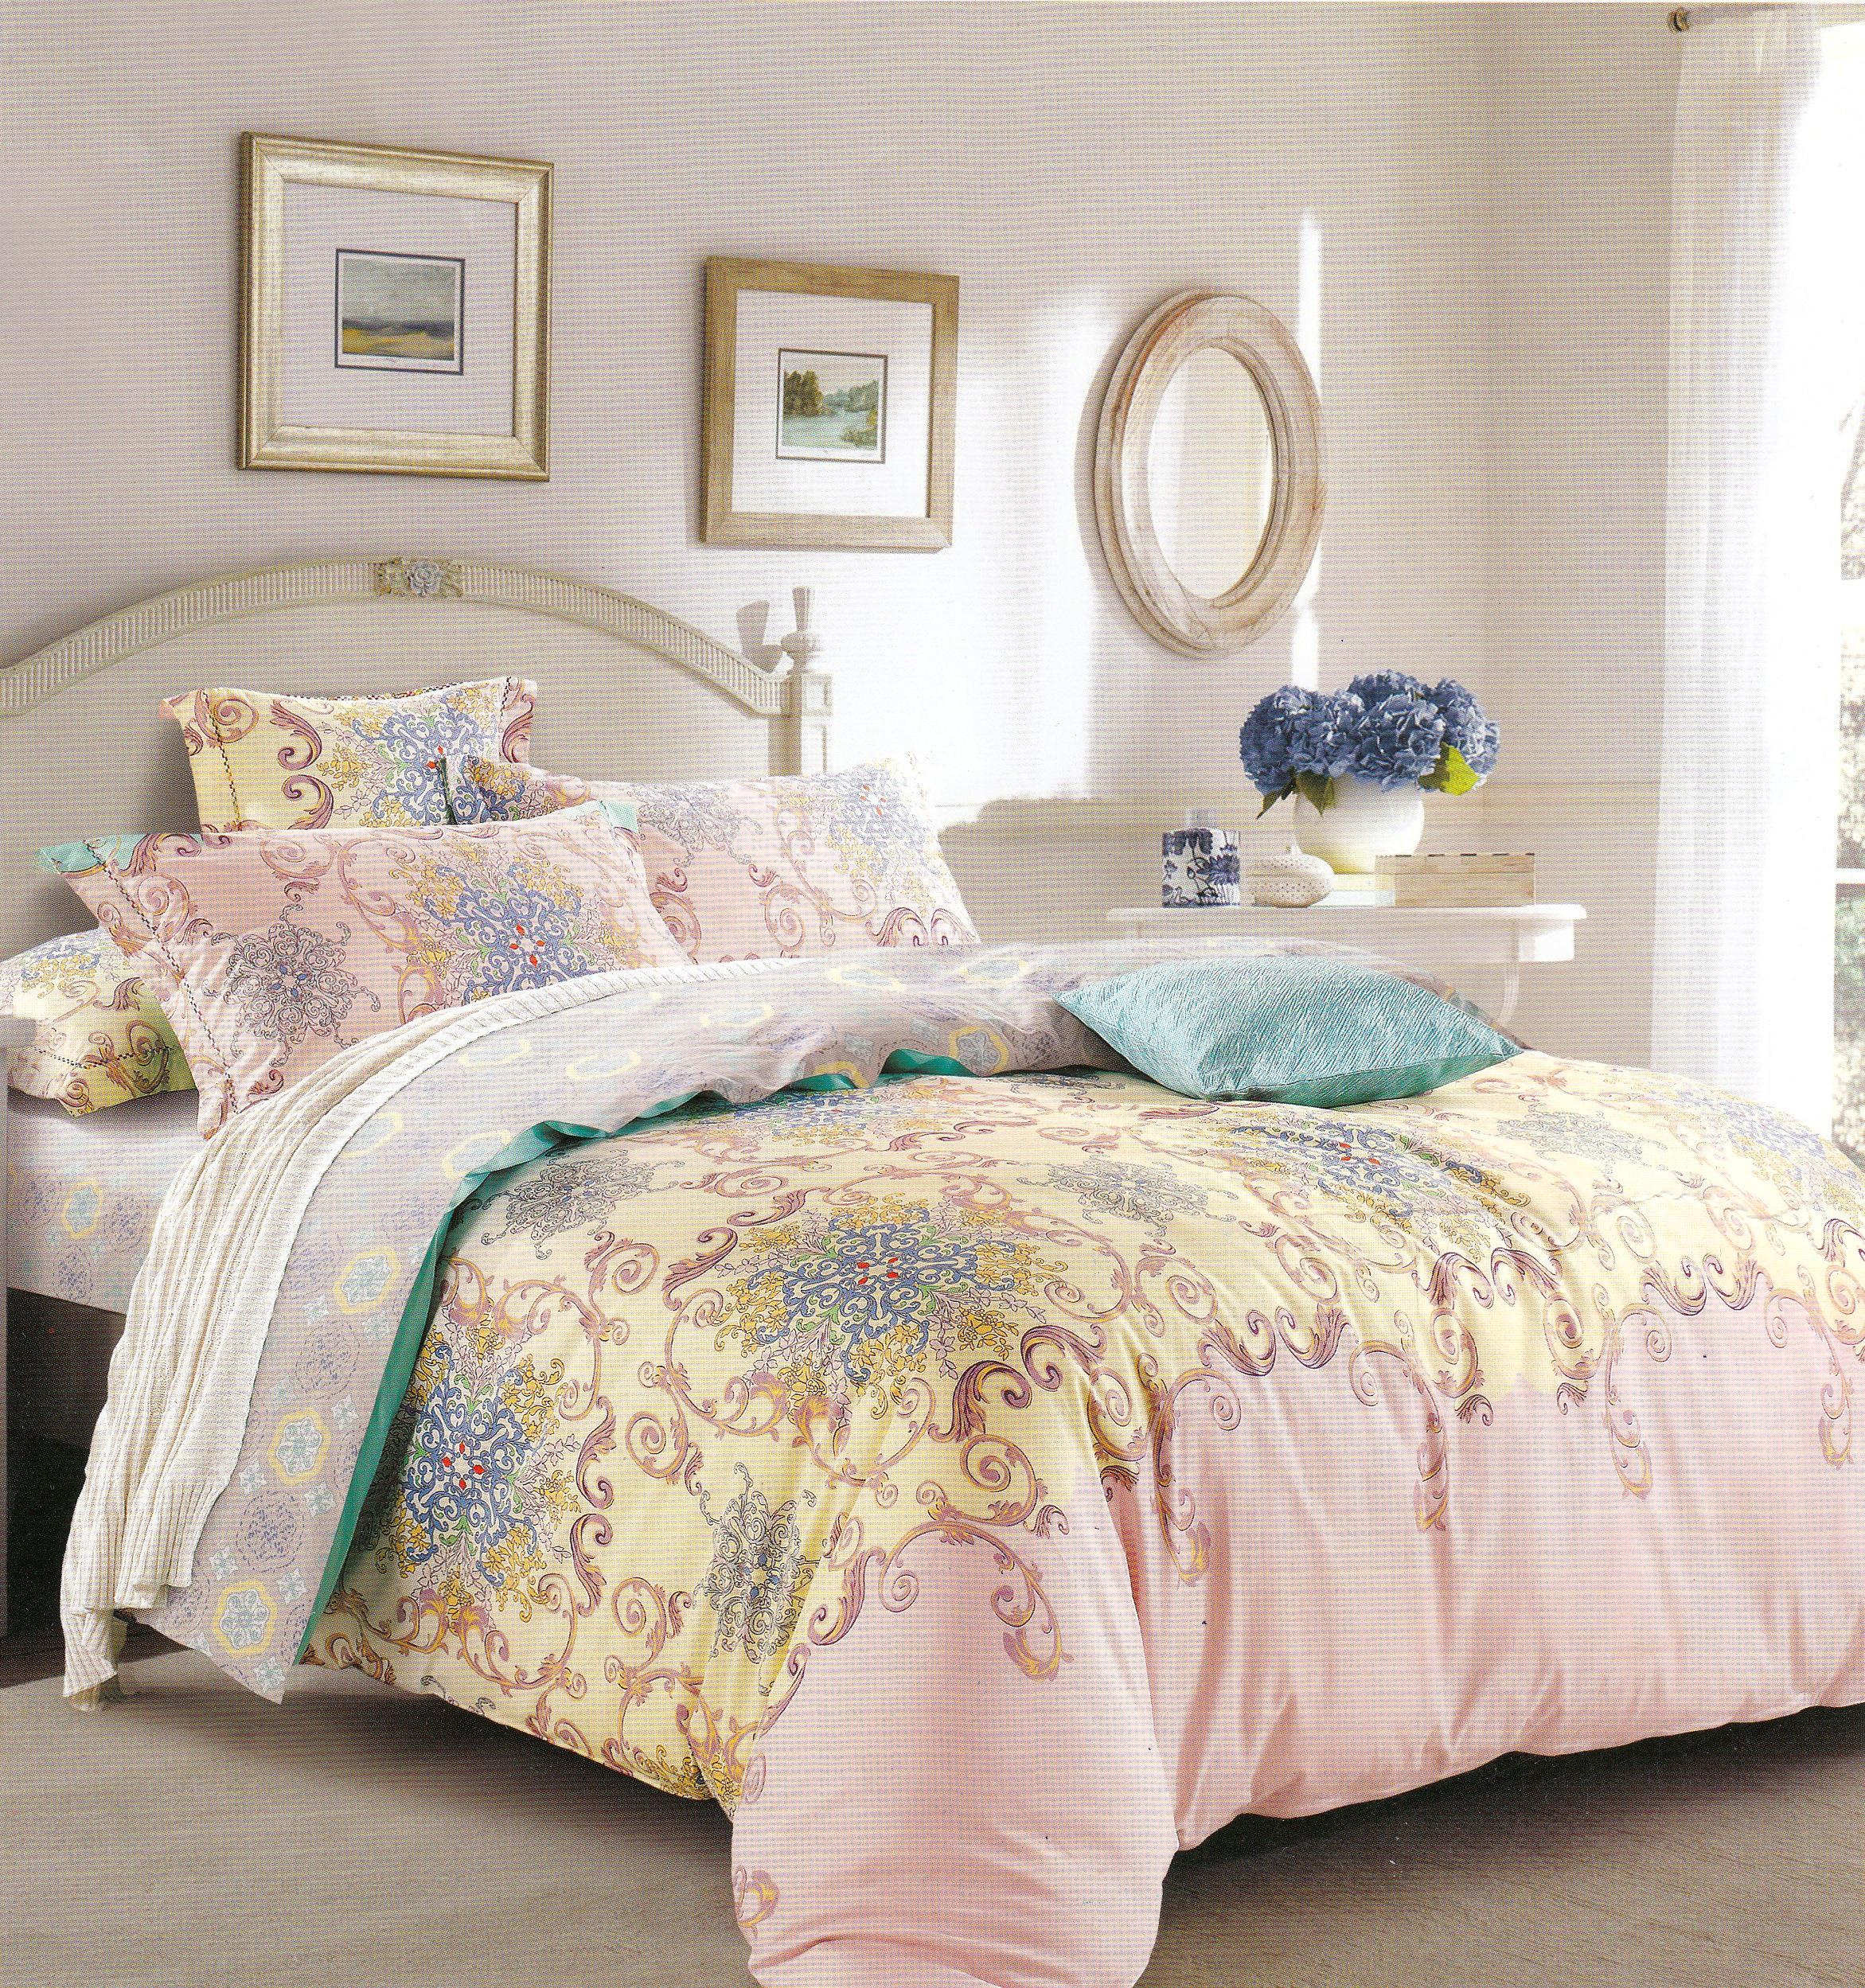 Купить Комплекты постельного белья DO'n'CO, Постельное белье Vespa (2 сп. евро), Турция, Желтый, Розовый, Хлопковый сатин